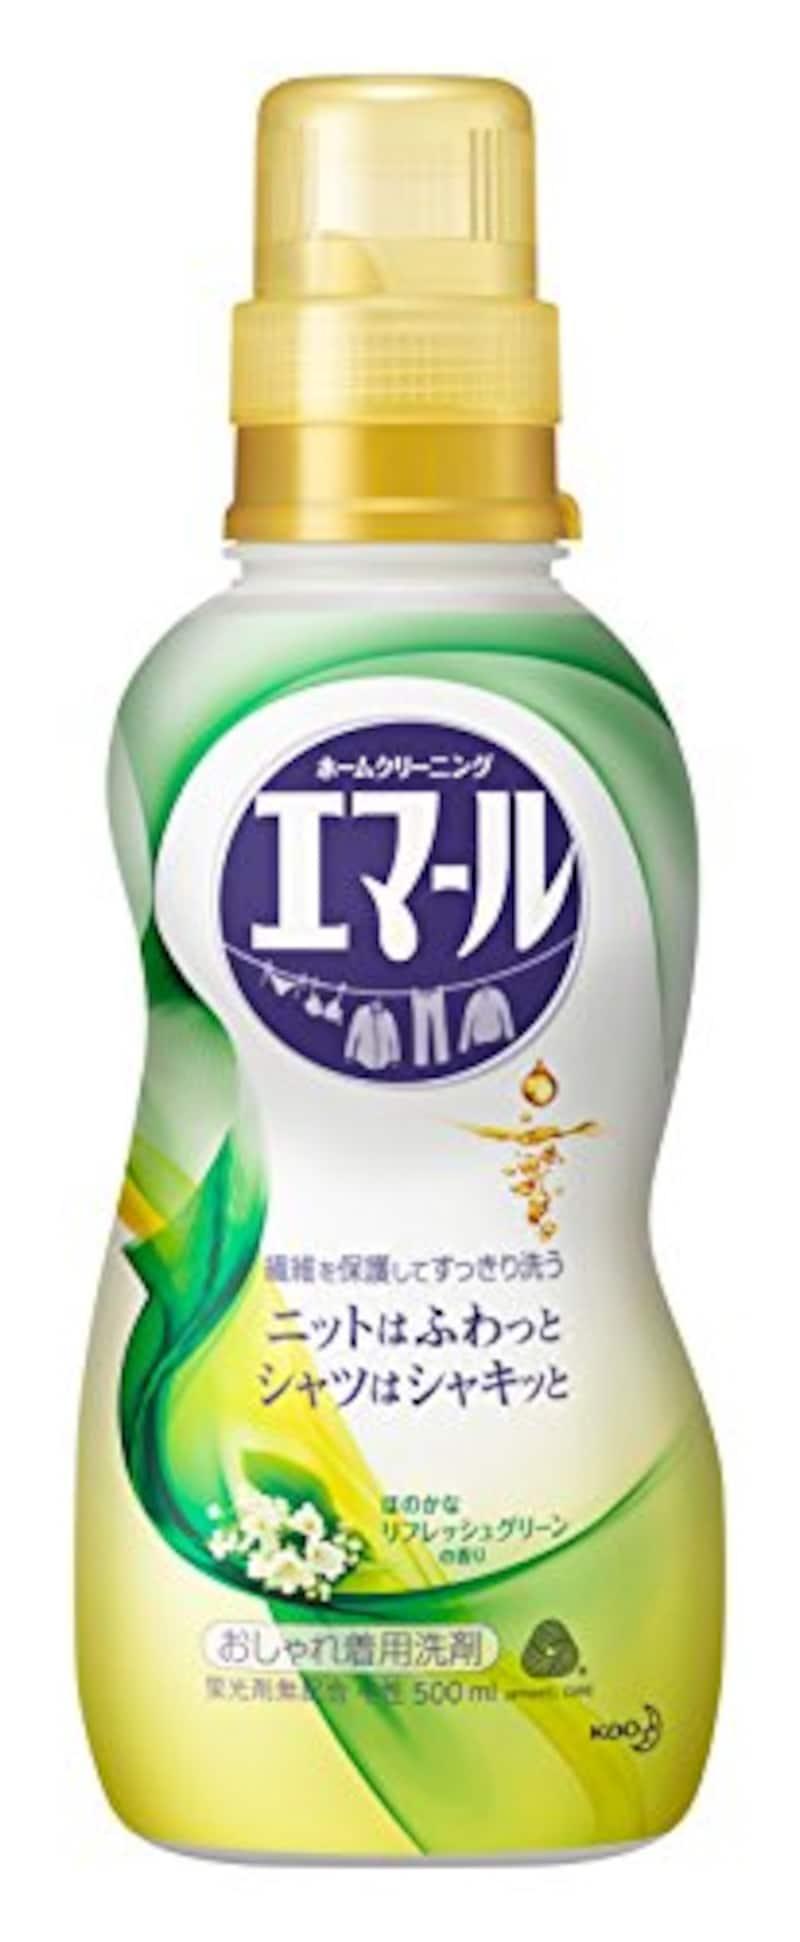 エマール  リフレッシュグリーンの香り 本体 500ml